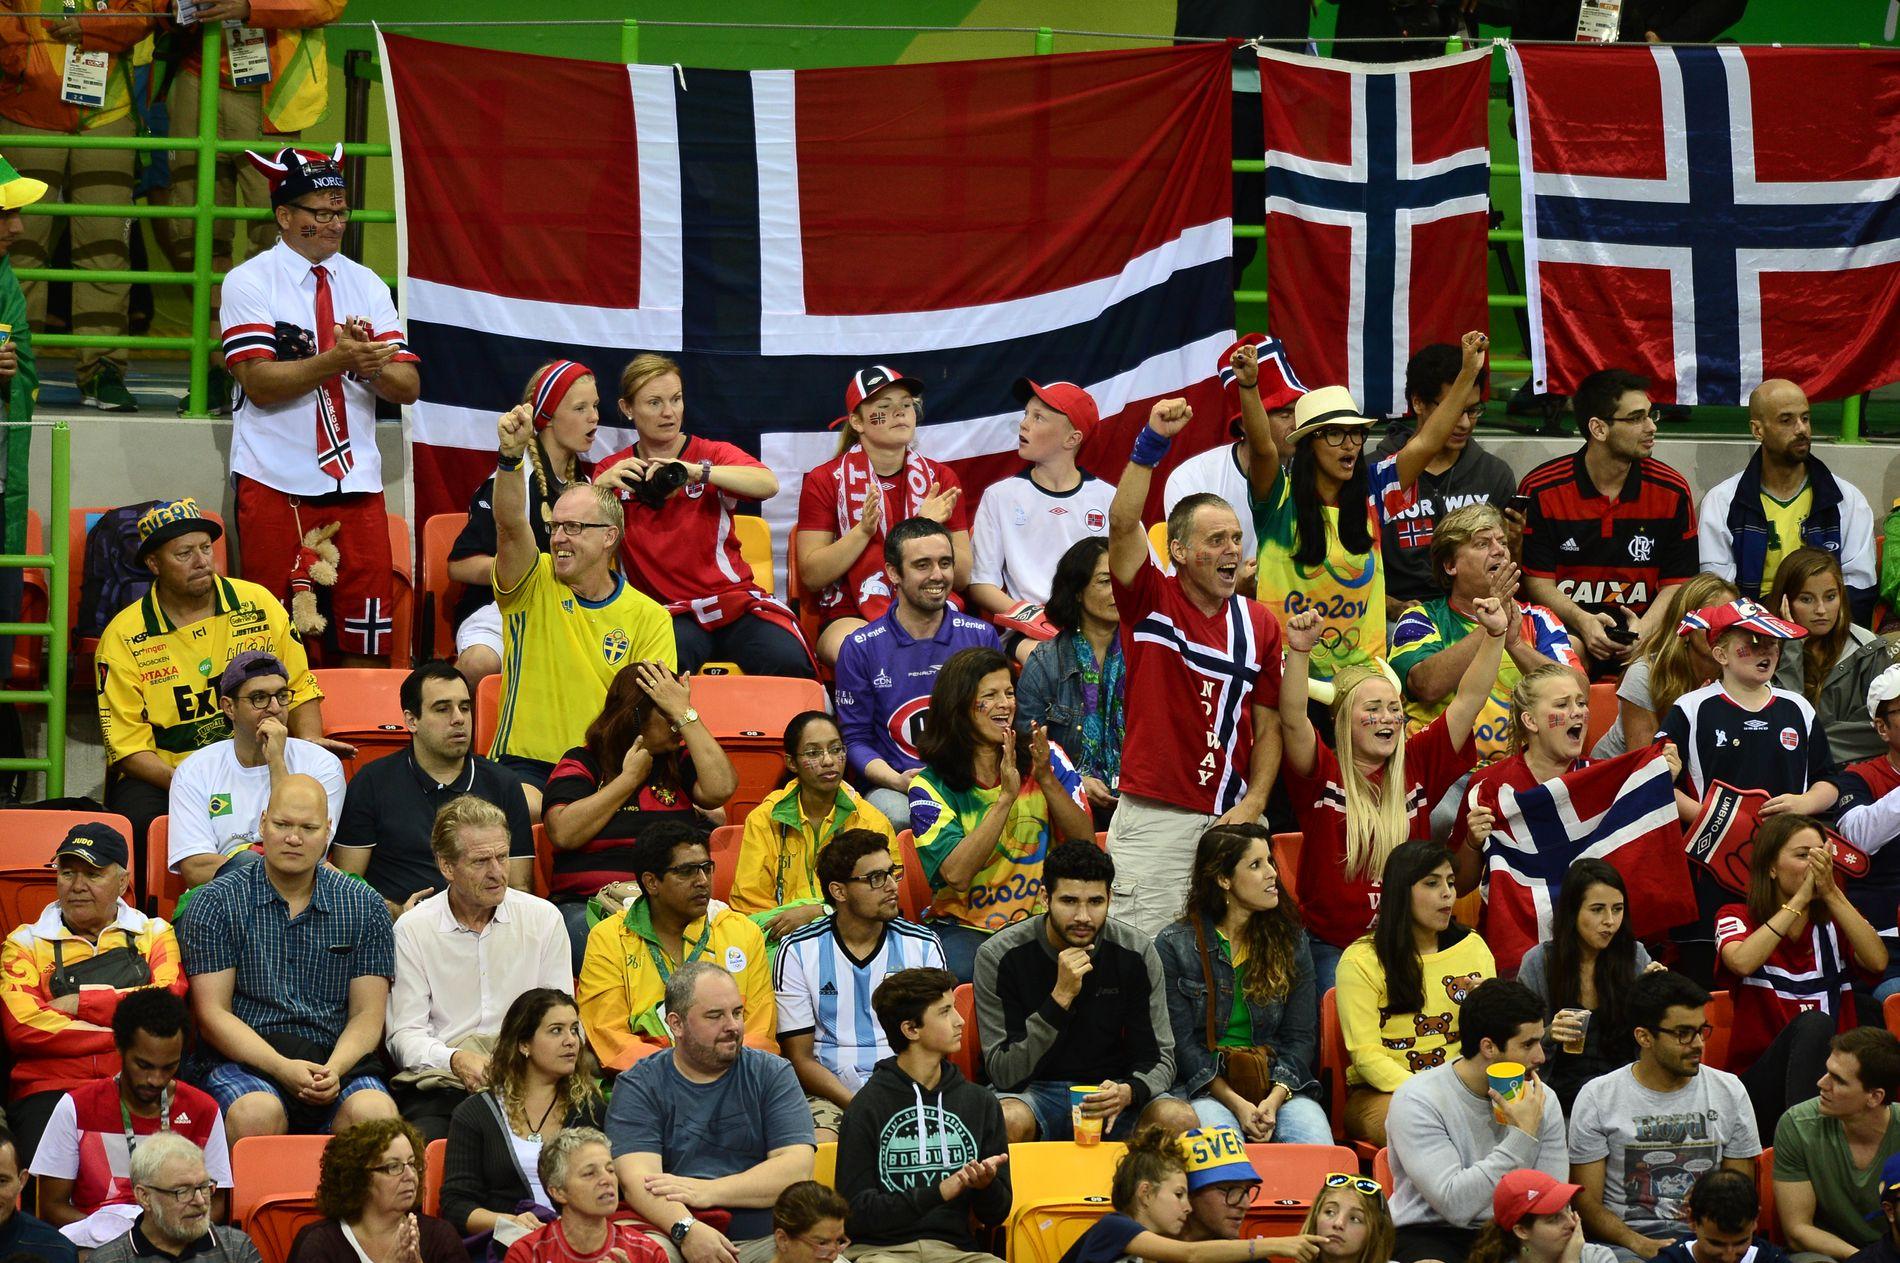 Det var supportere fra mange land, deriblant Sverige, Norge, Angola og Brasil, i håndballhallen onsdag.